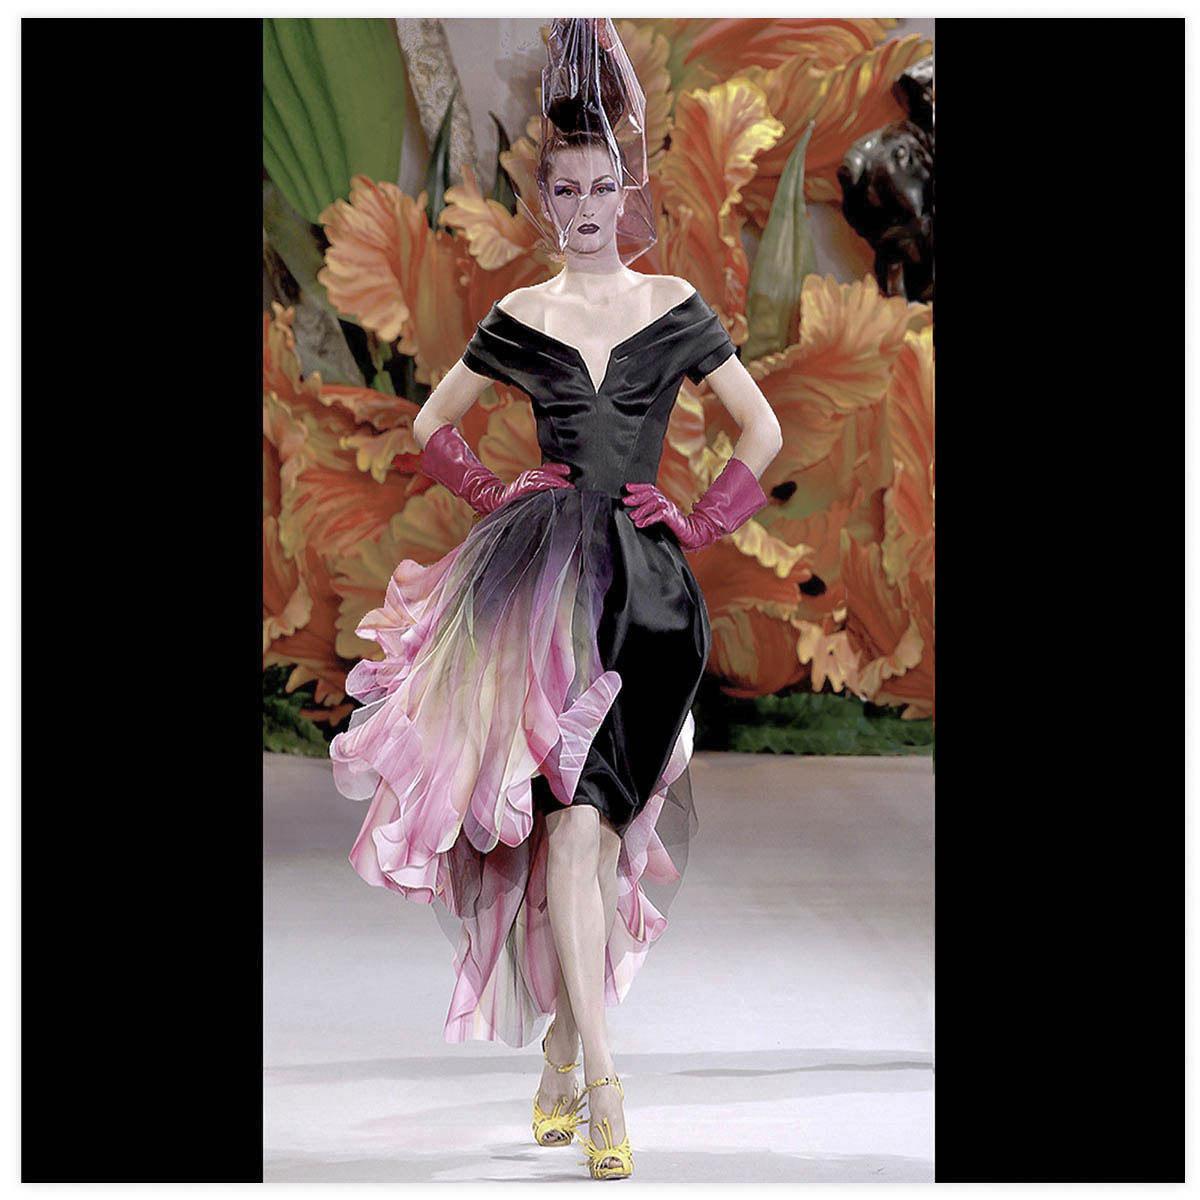 Christian Dior Haute-Couture Défilé 2010 Styliste J. Galliano Peinture à l'aérographe et au pinceau présentée à l'exposition Christian Dior au musée des arts décoratifs Paris 2018